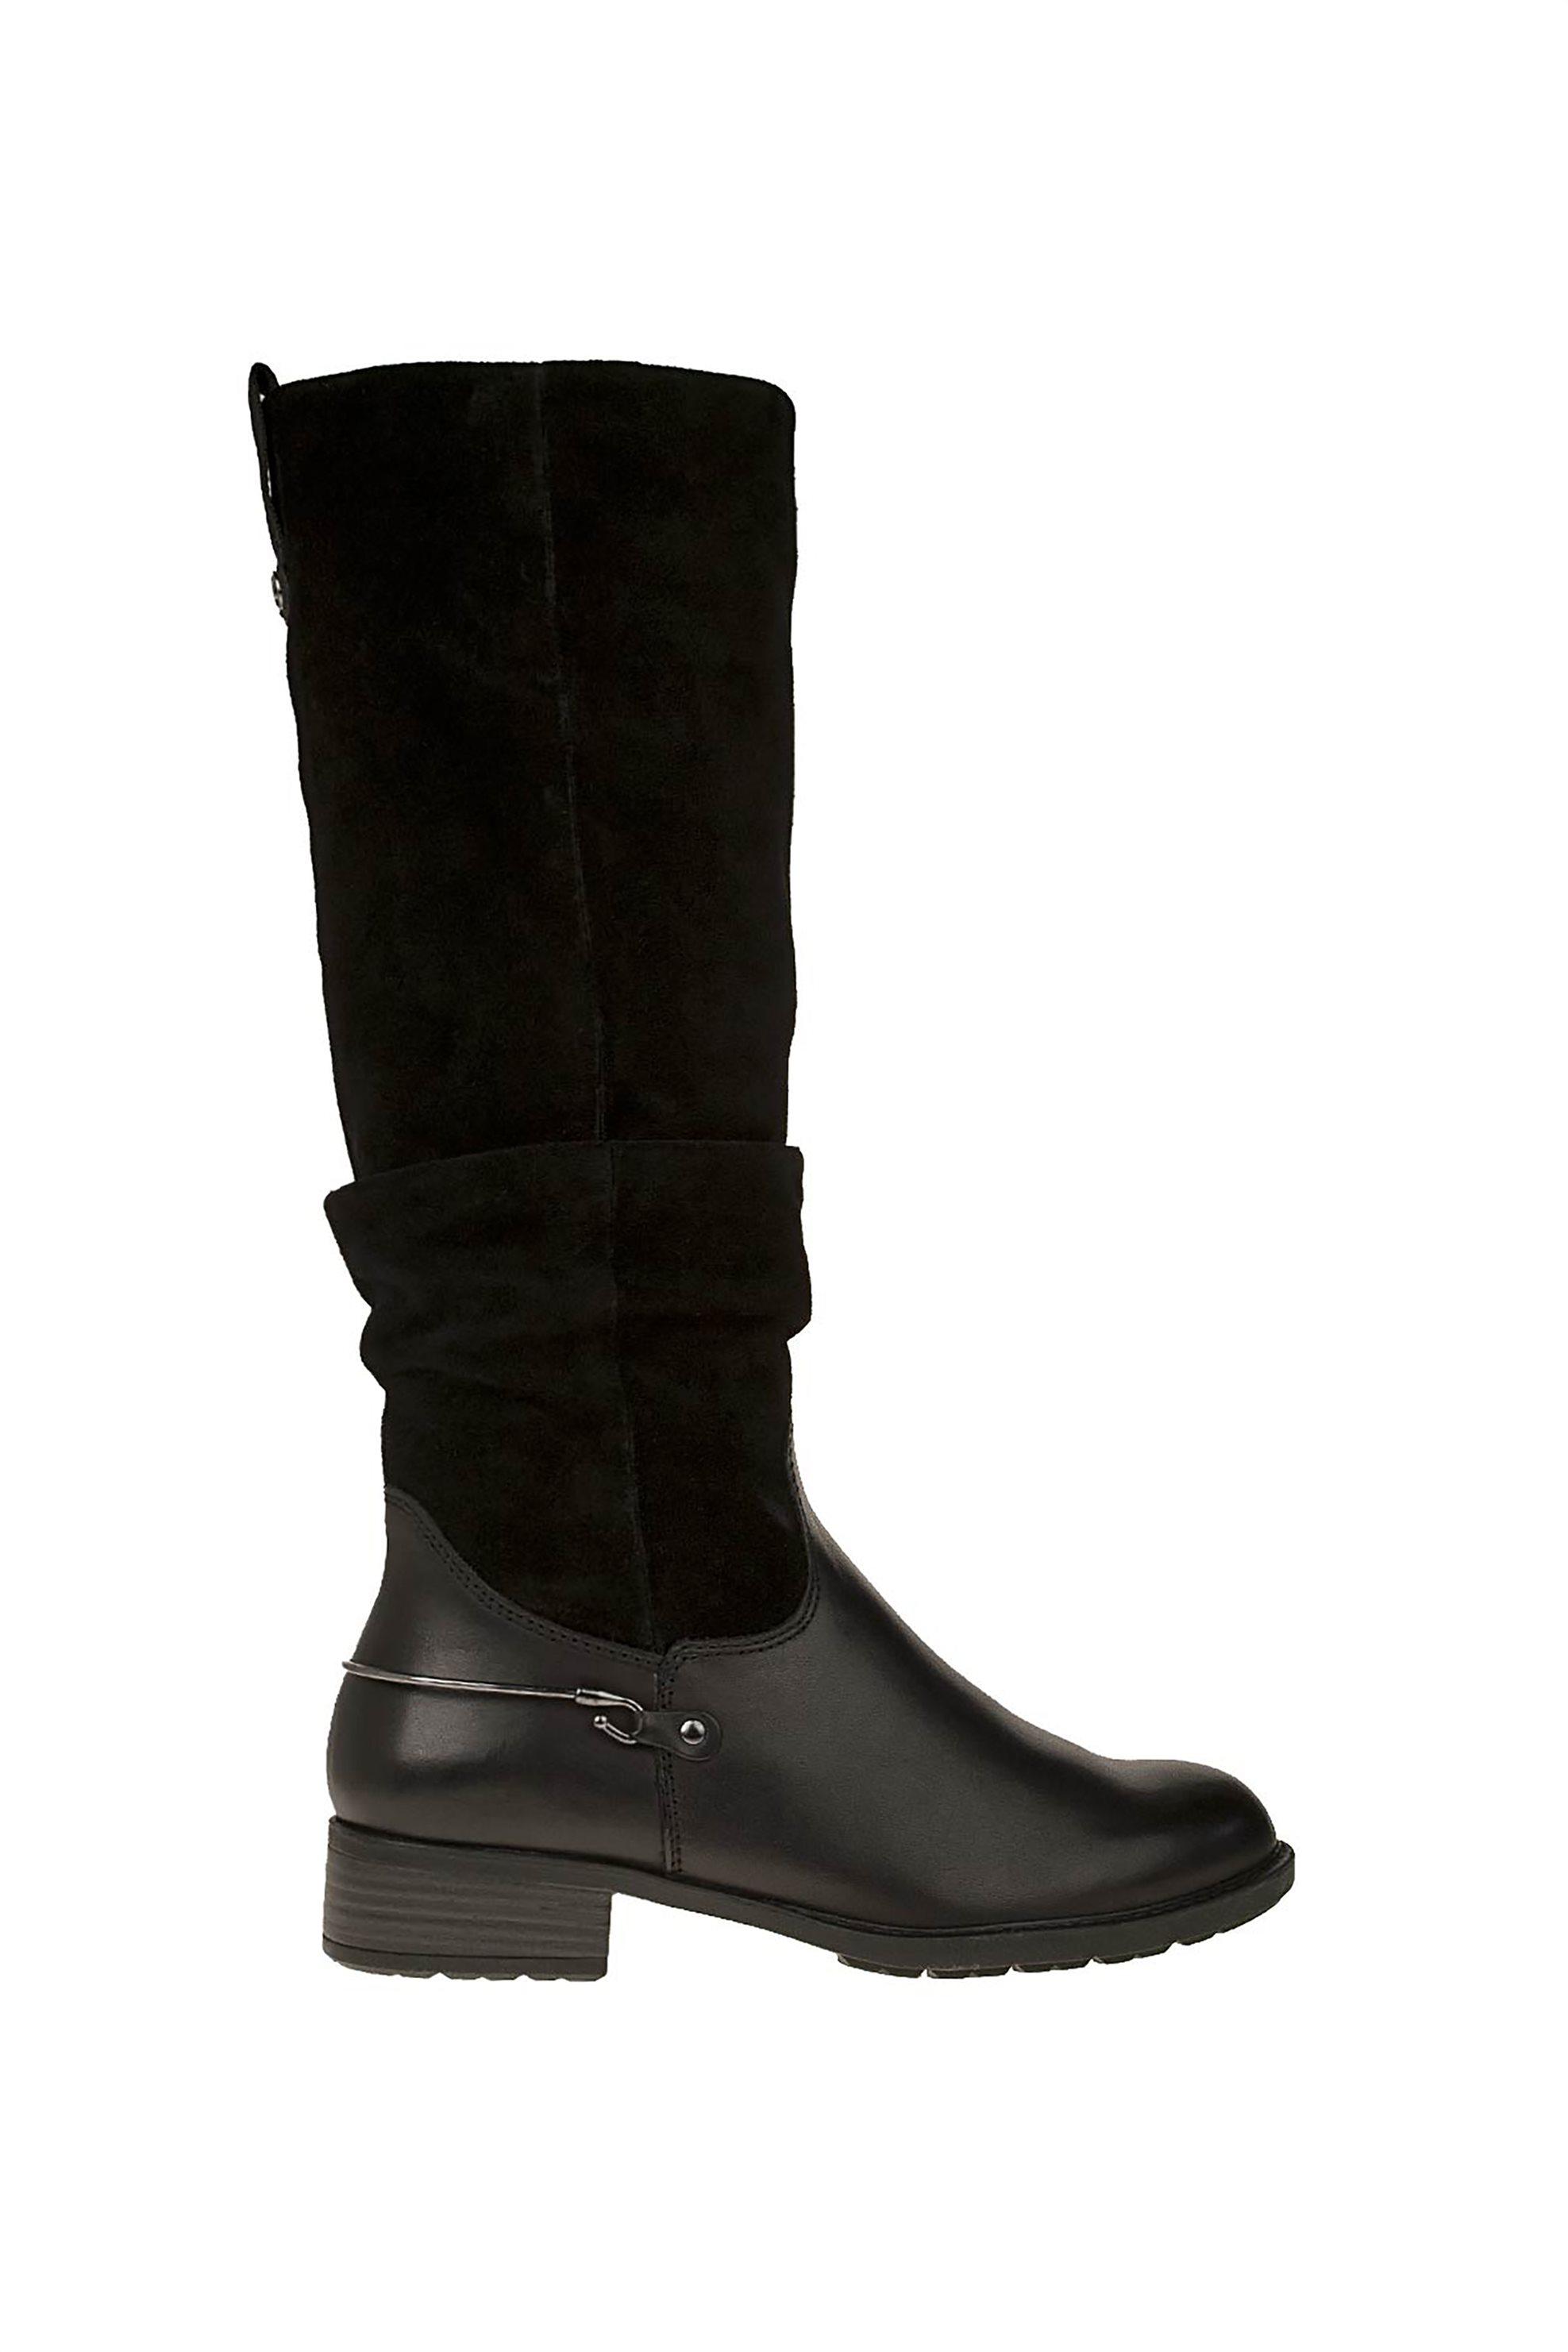 Τamaris γυναικείες δερμάτινες μπότες με suede λεπτομέρειες – 1-1-25526-23 – Μαύρο